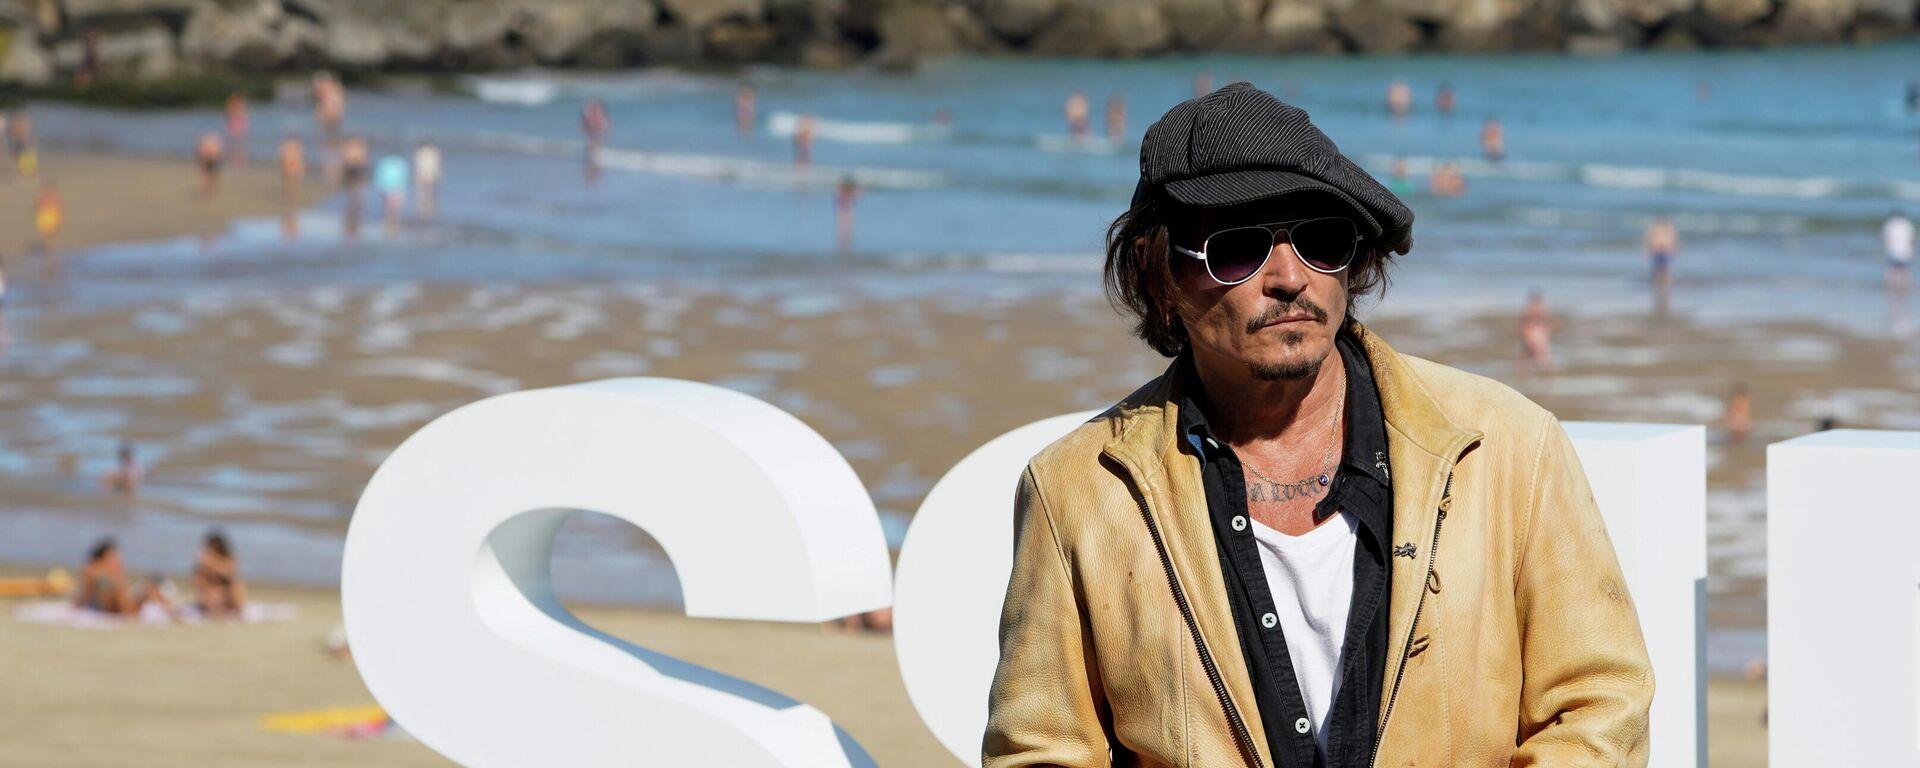 El actor y productor de cine estadounidense Johnny Depp participa en una sesión de fotos para promocionar el documental Crock Of Gold: A few rounds with Shane Macgowan, en el Festival de Cine de San Sebastián, España, el 20 de septiembre de 2020 - Sputnik Mundo, 1920, 13.09.2021